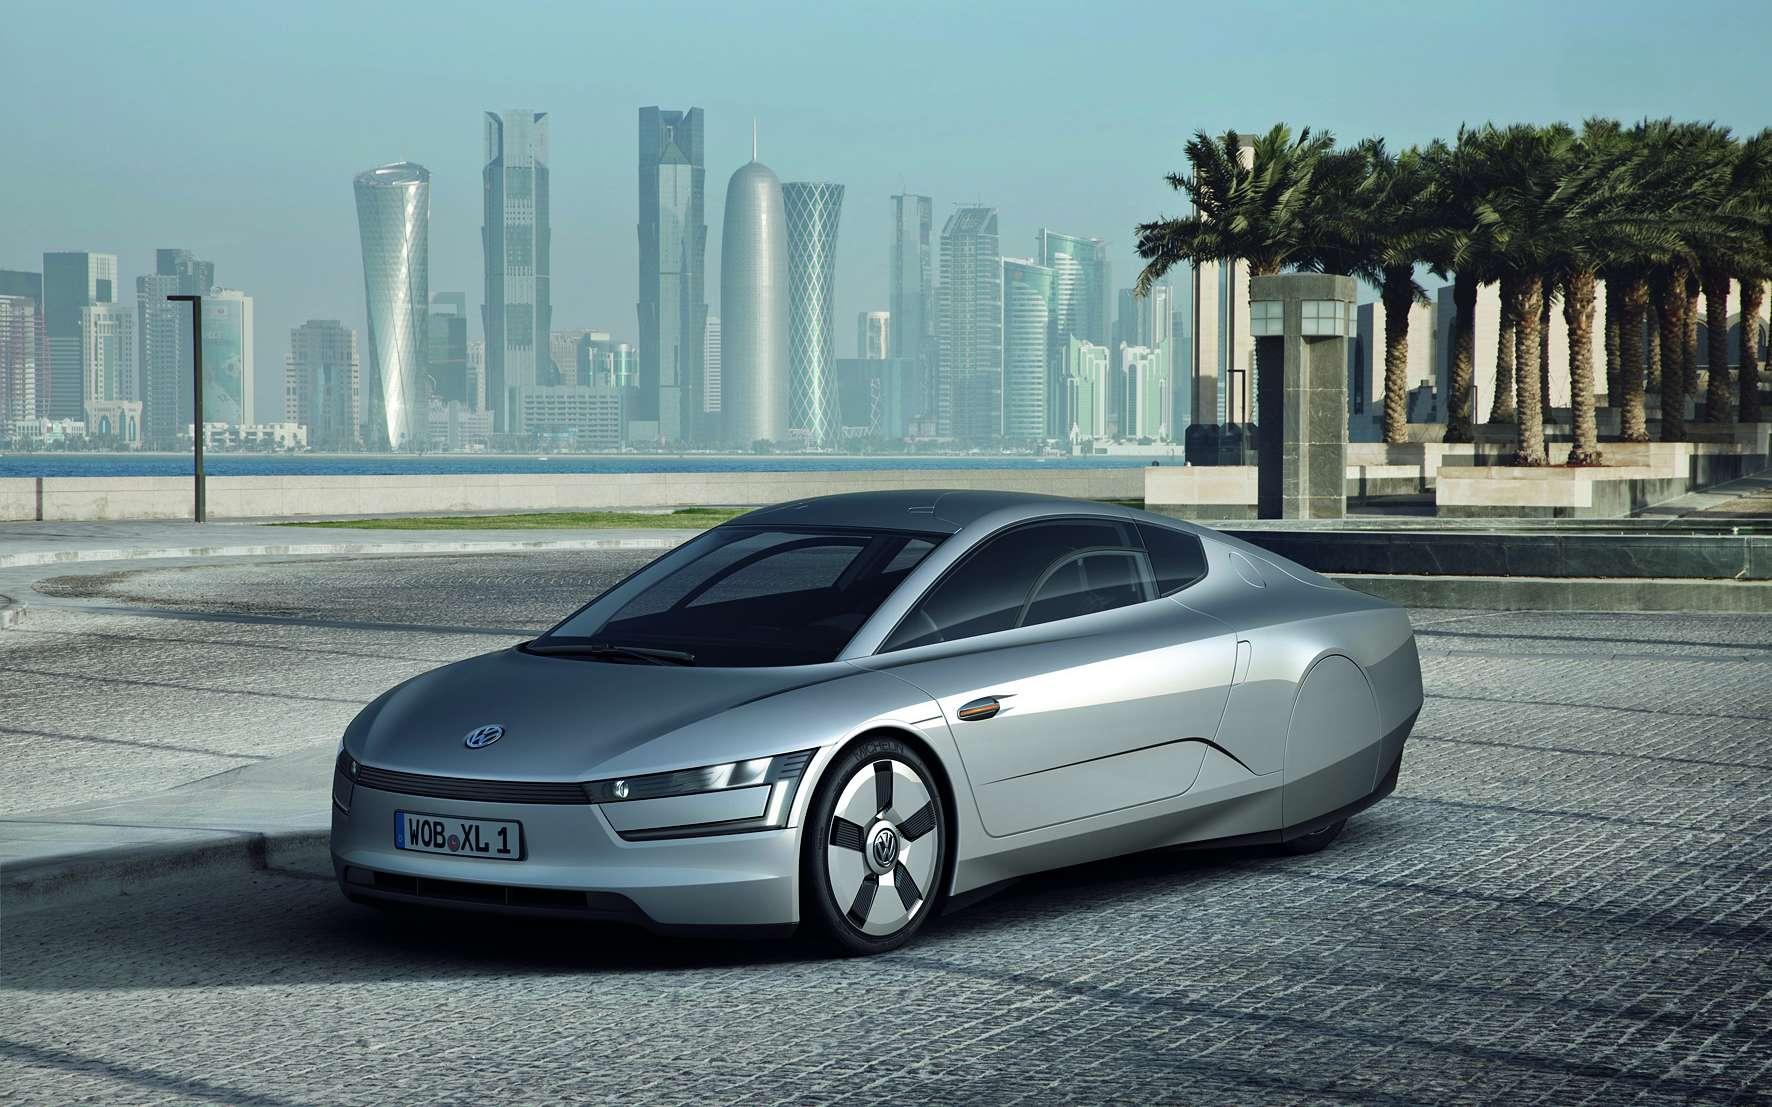 Une version série de la XL1 sera proposée dans deux ans. © Volkswagen